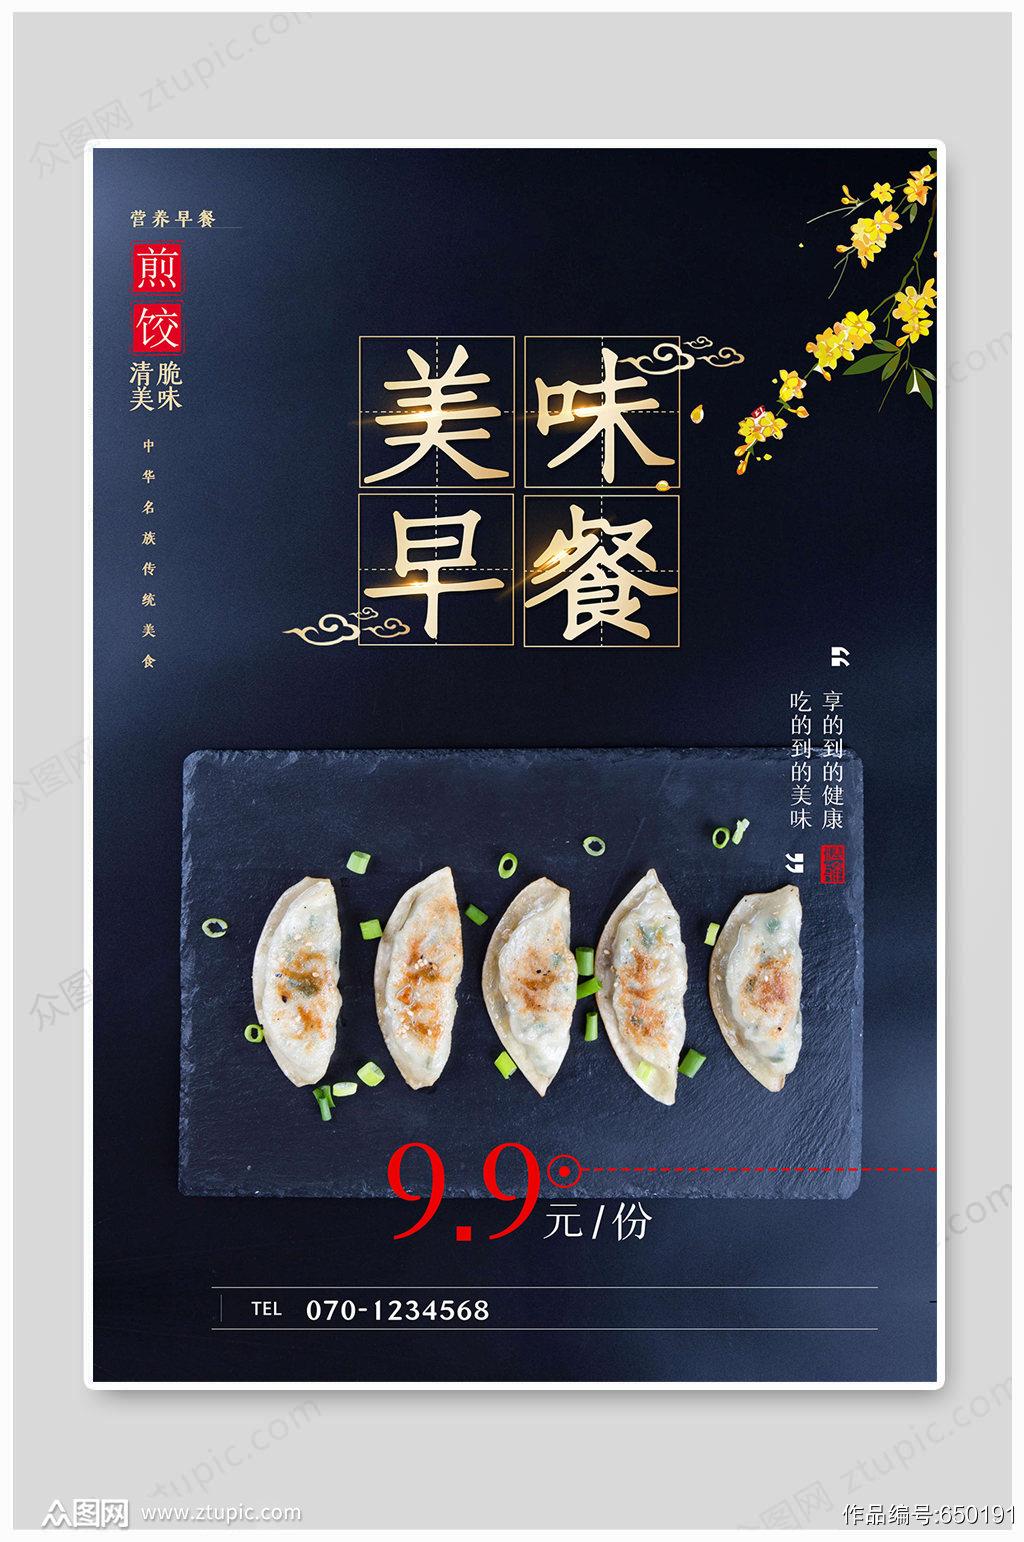 营养早餐煎饺海报素材